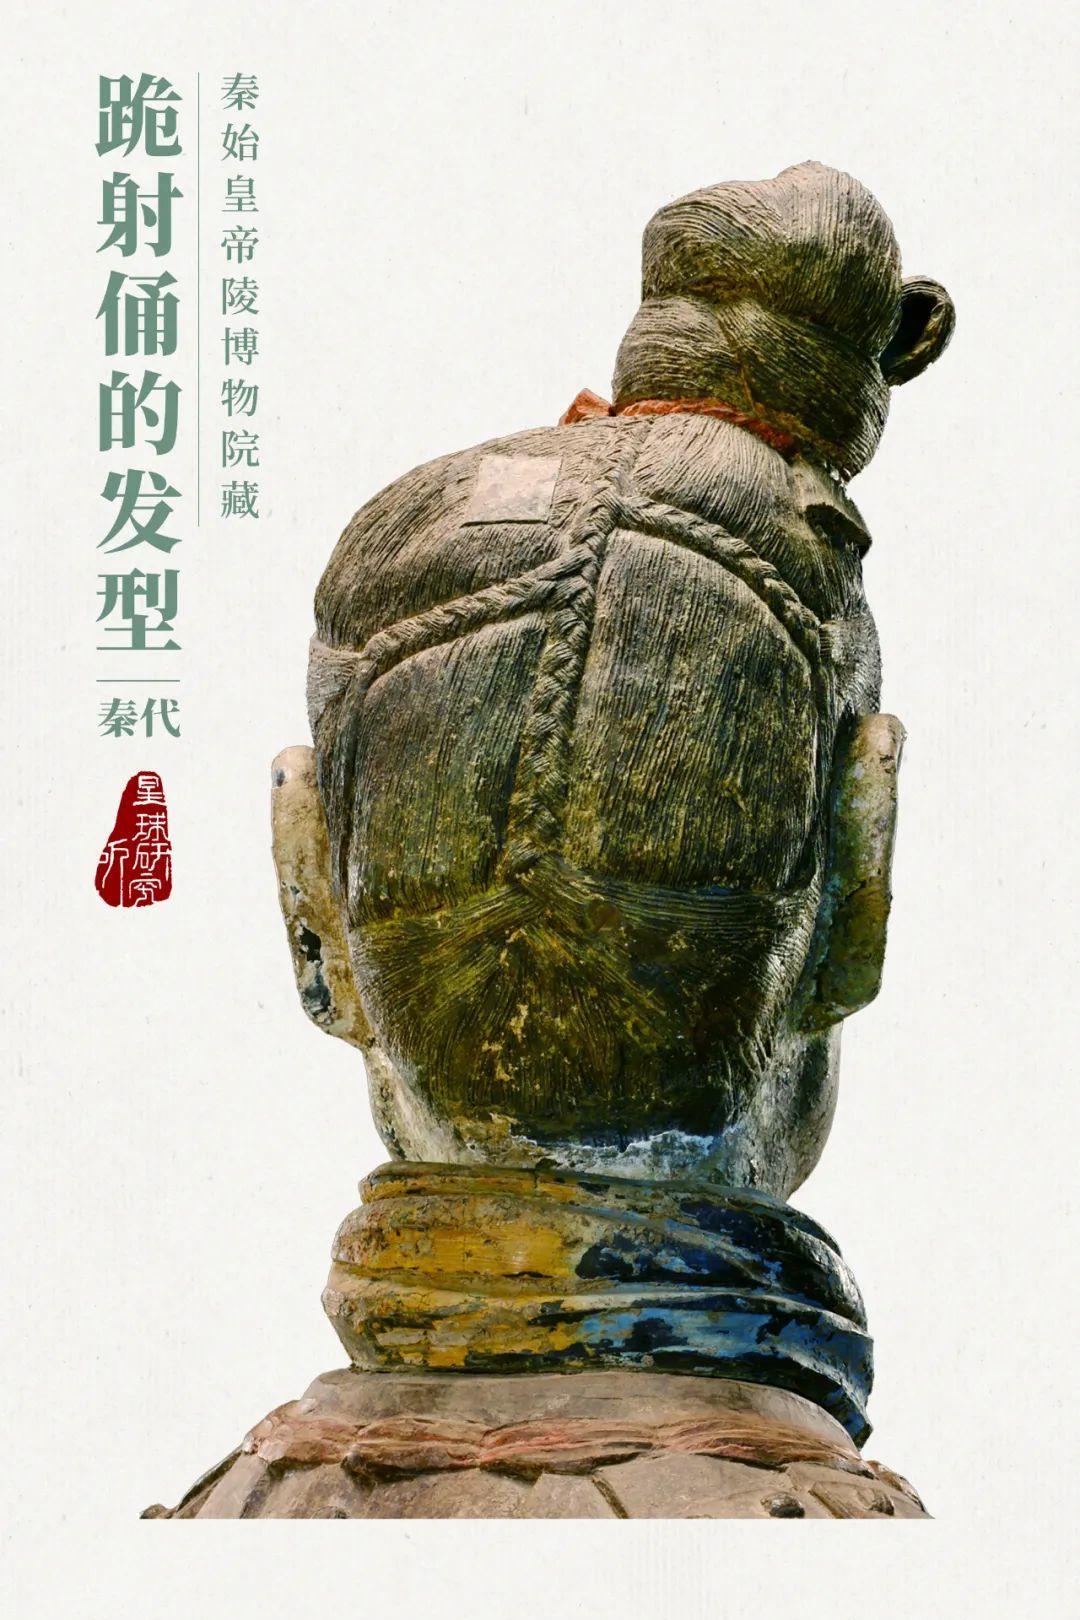 秦始皇兵馬俑 為何值得一看?